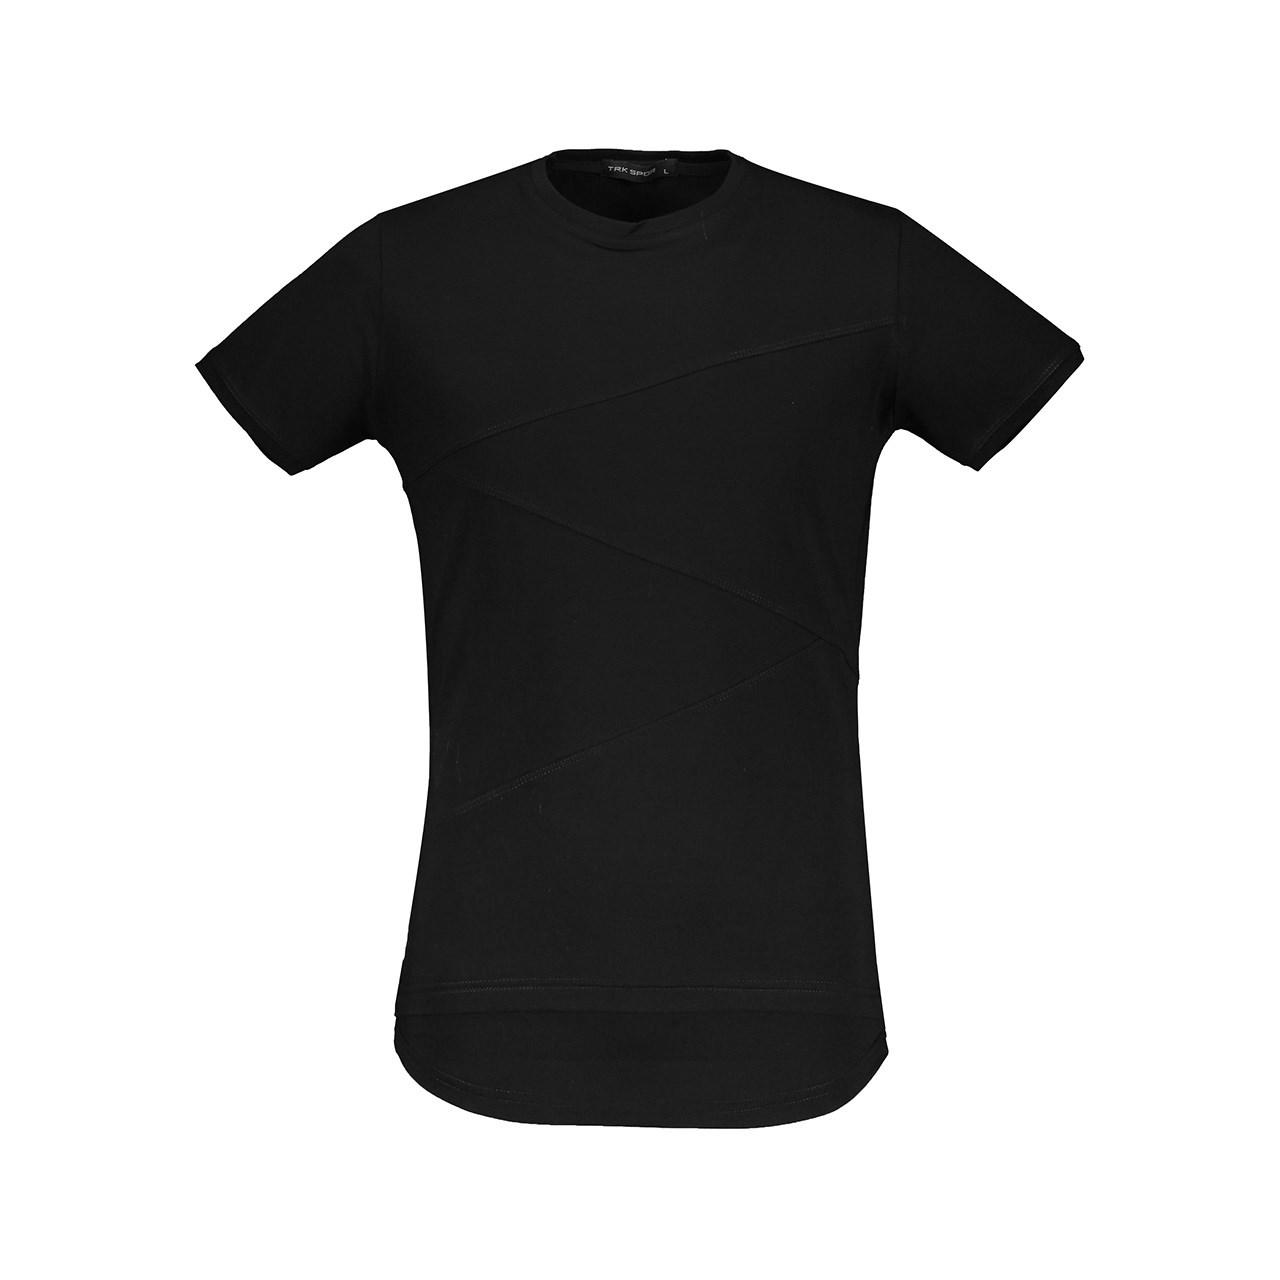 تی شرت آستین کوتاه تارکان کد 150-1